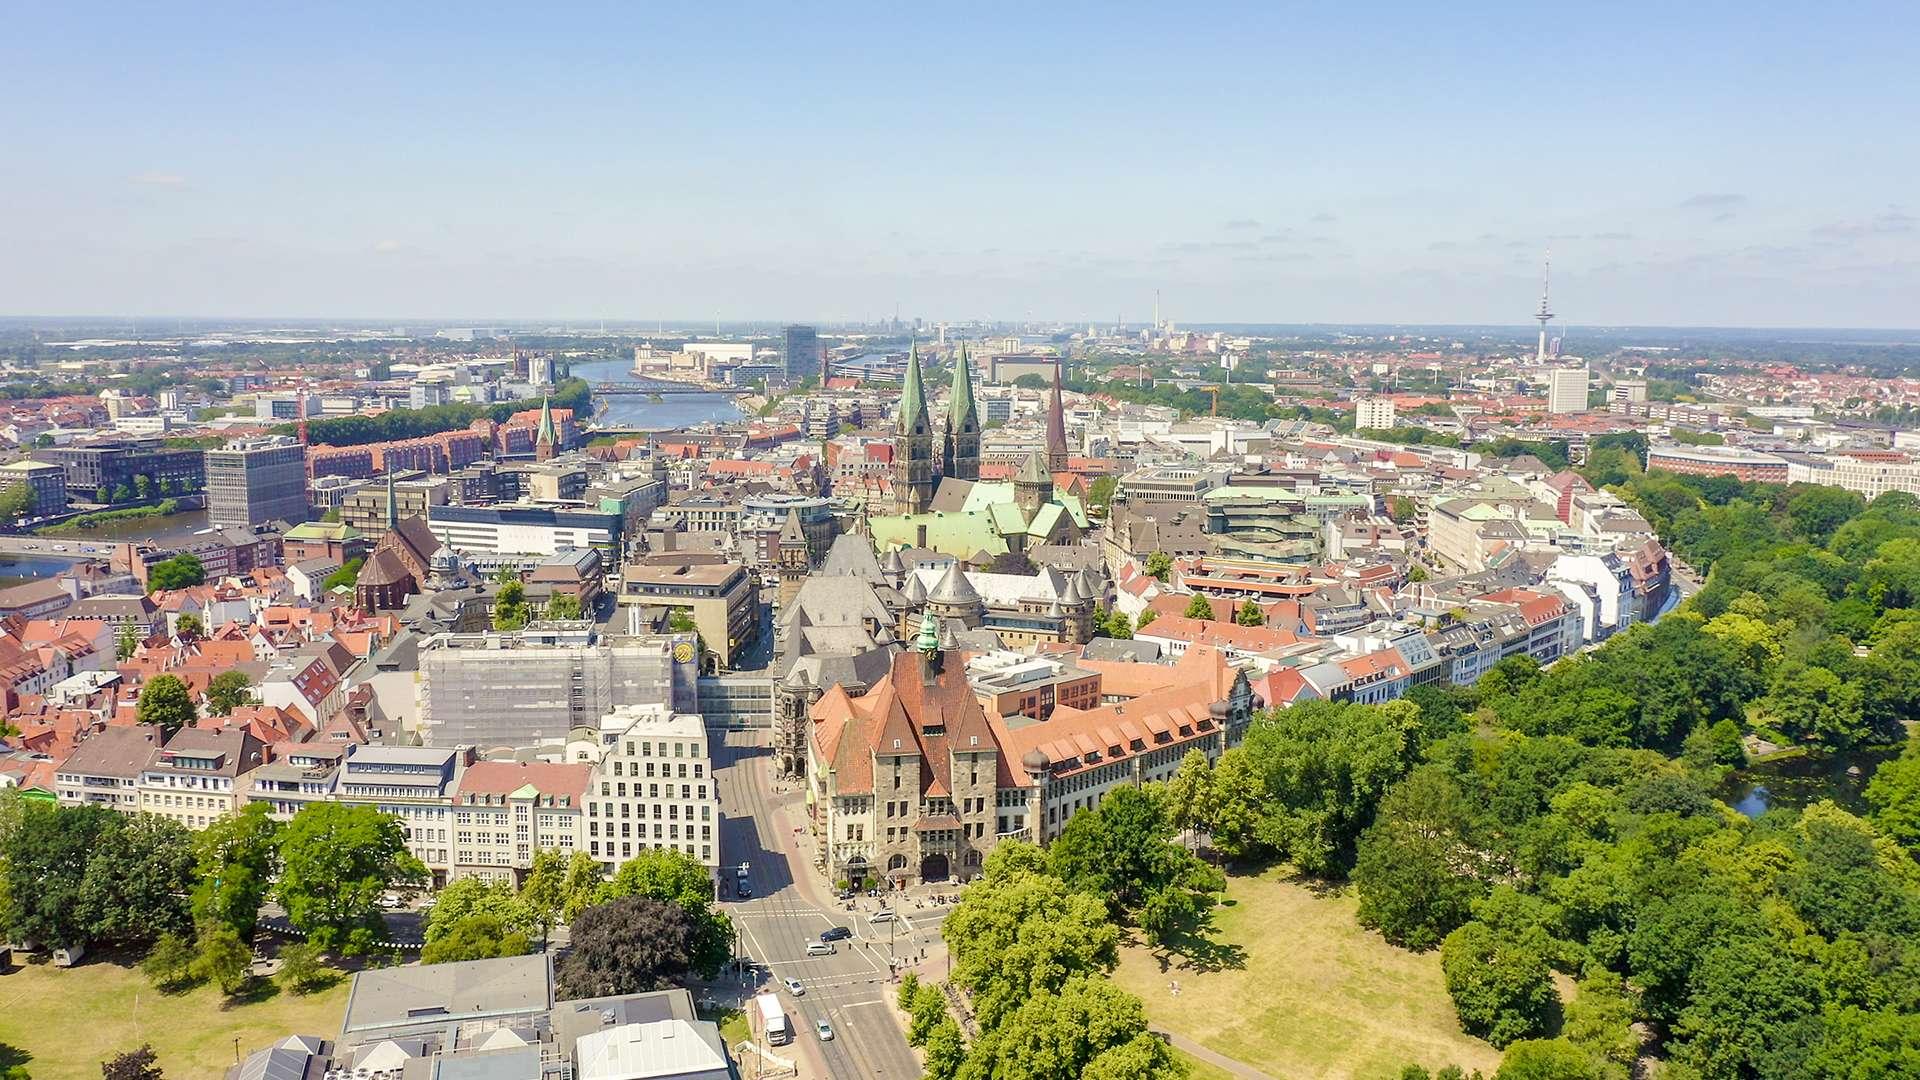 Luftbildnaufnahme von Bremen